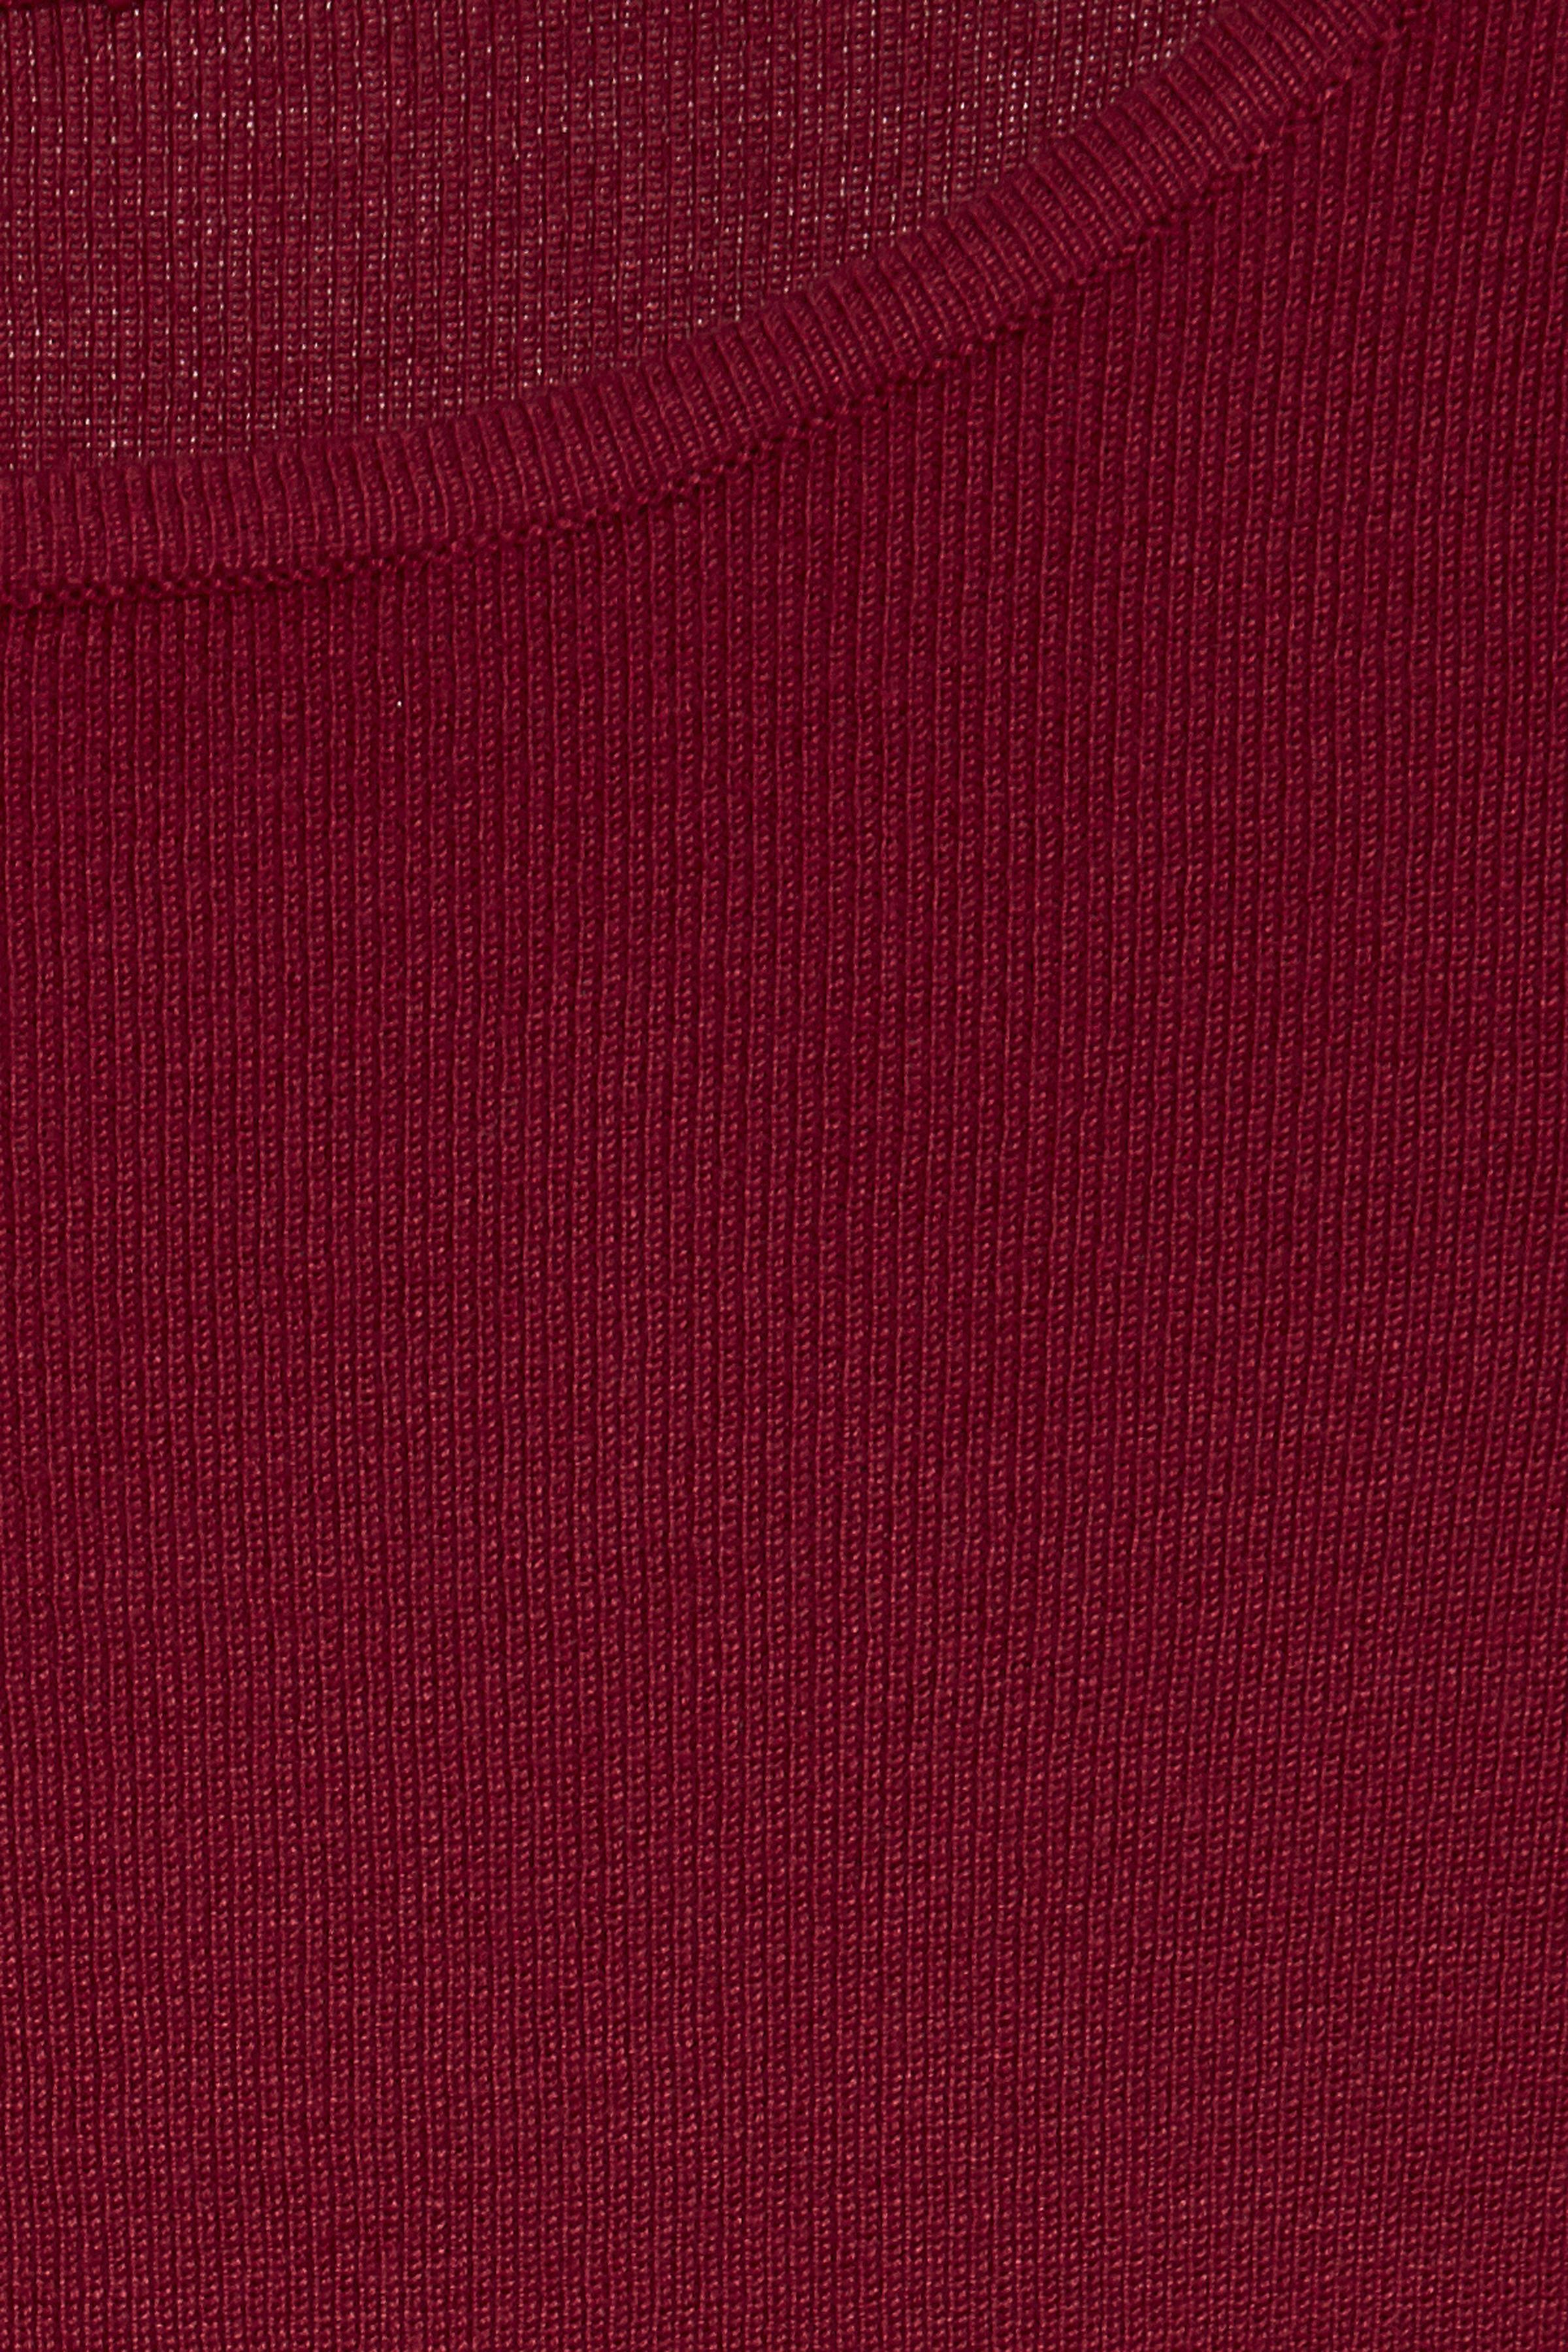 Dunkelrot Strickpullover von Pulz Jeans – Shoppen Sie Dunkelrot Strickpullover ab Gr. XS-XXL hier